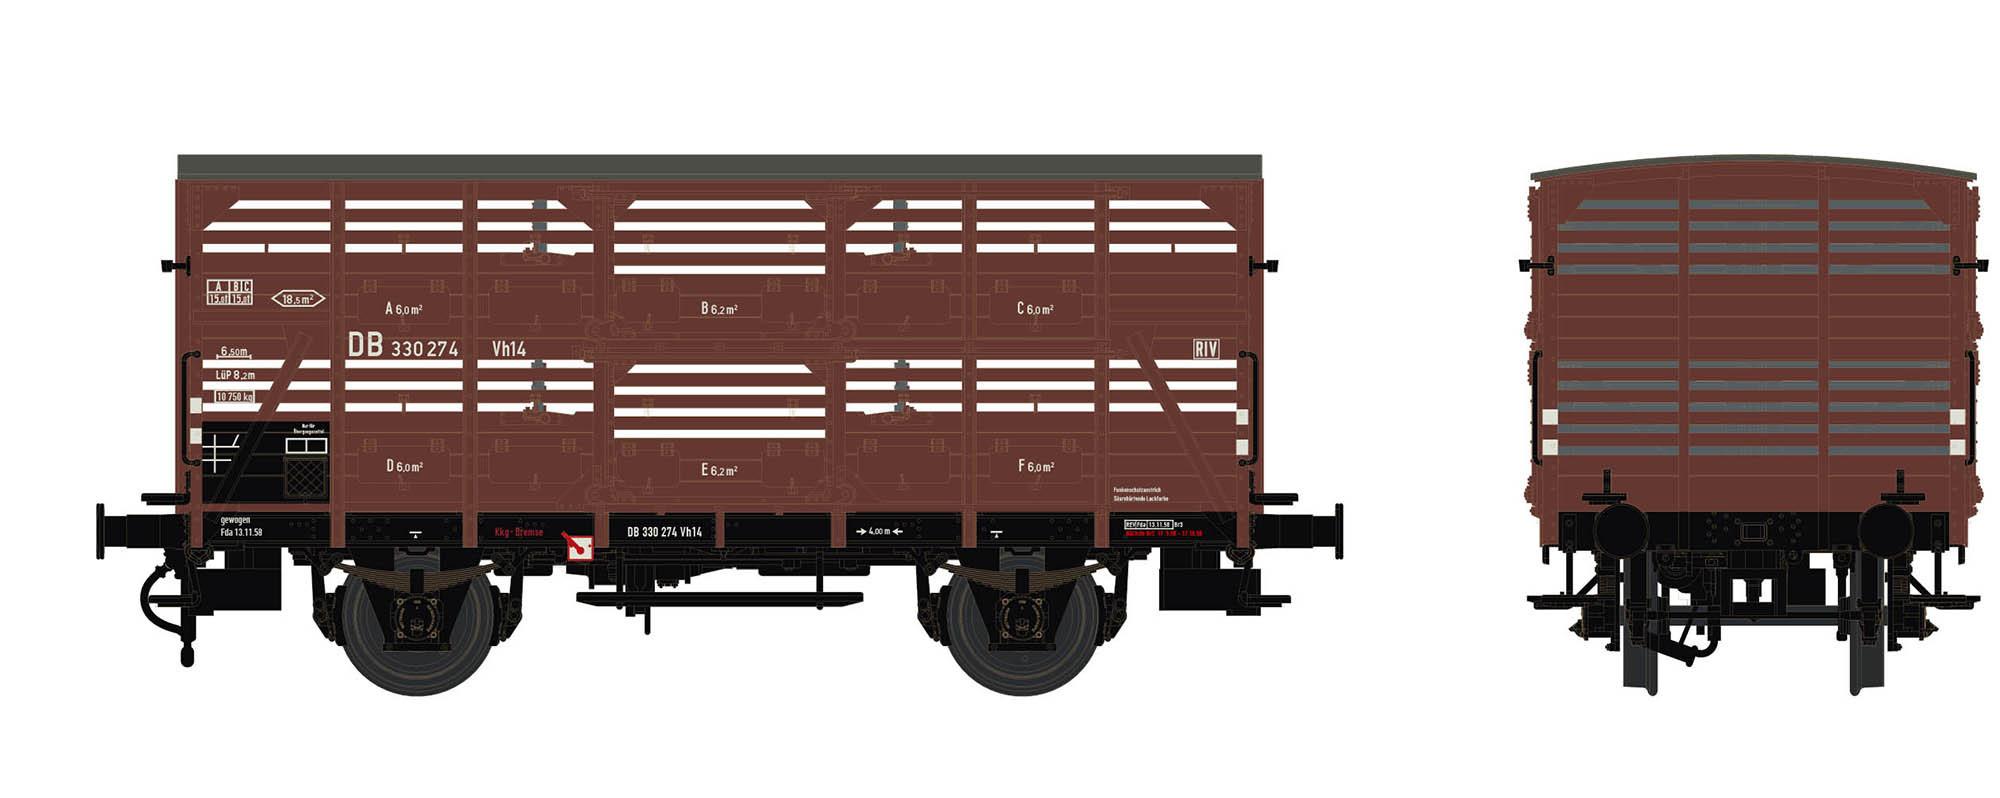 Wagenbausatz Verschlagwagen Vh14, DB, Epoche IIIb